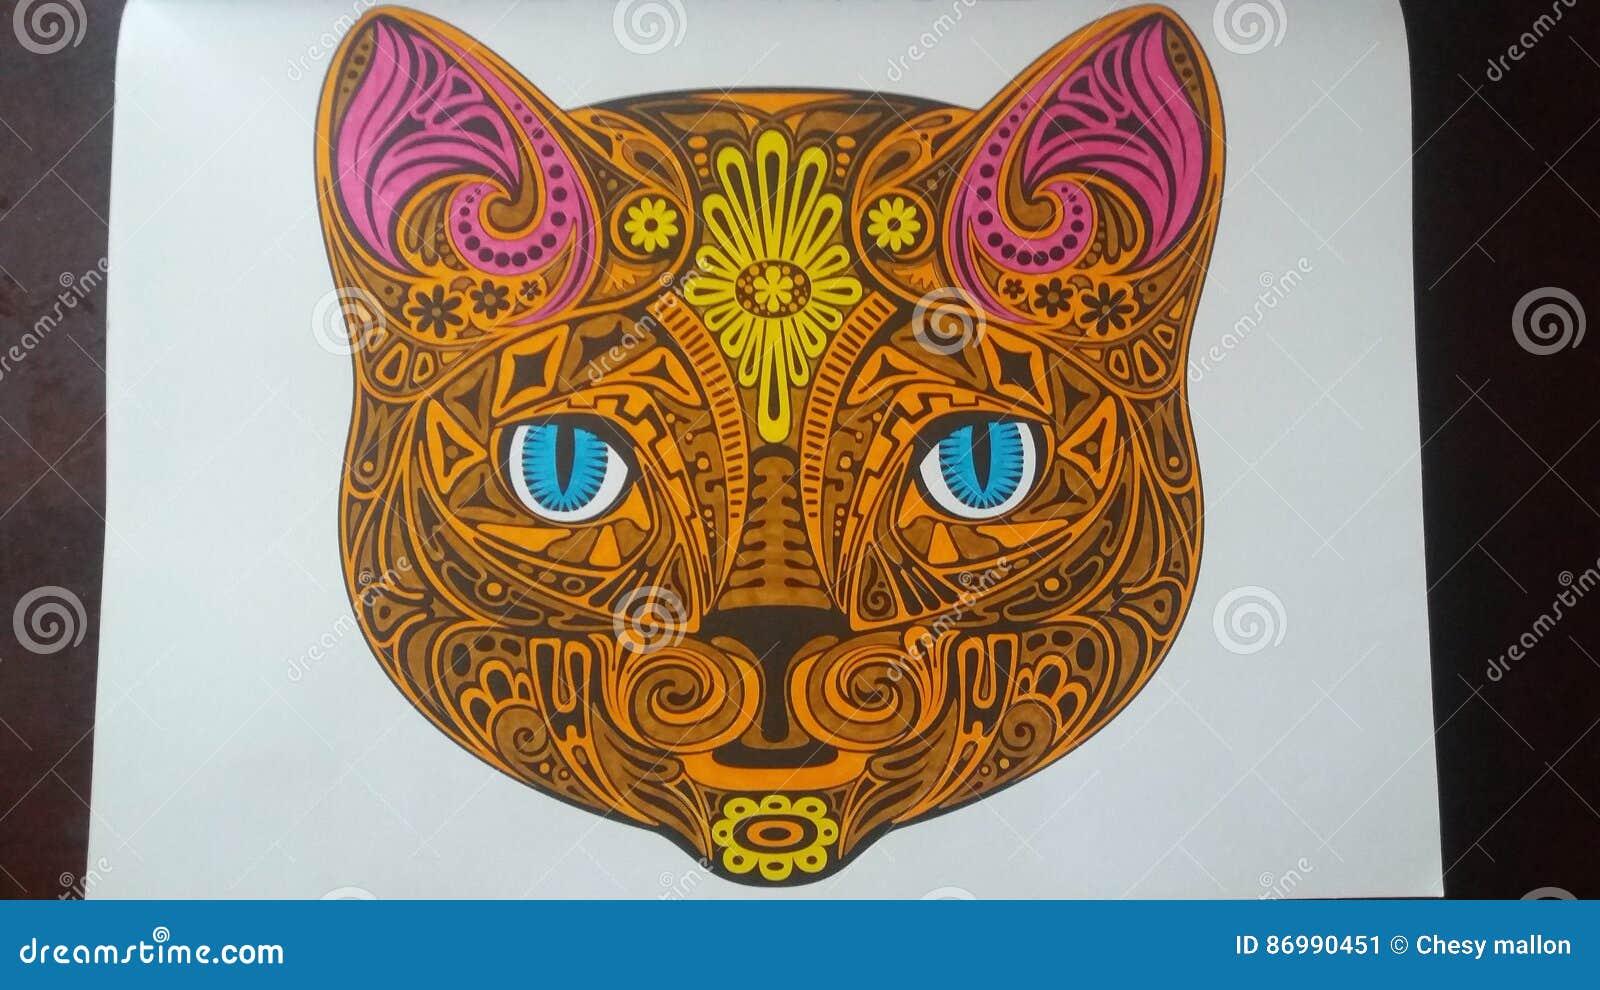 Mandala tiger imagem de stock imagem de mandala tigre - Mandalas de tigres ...